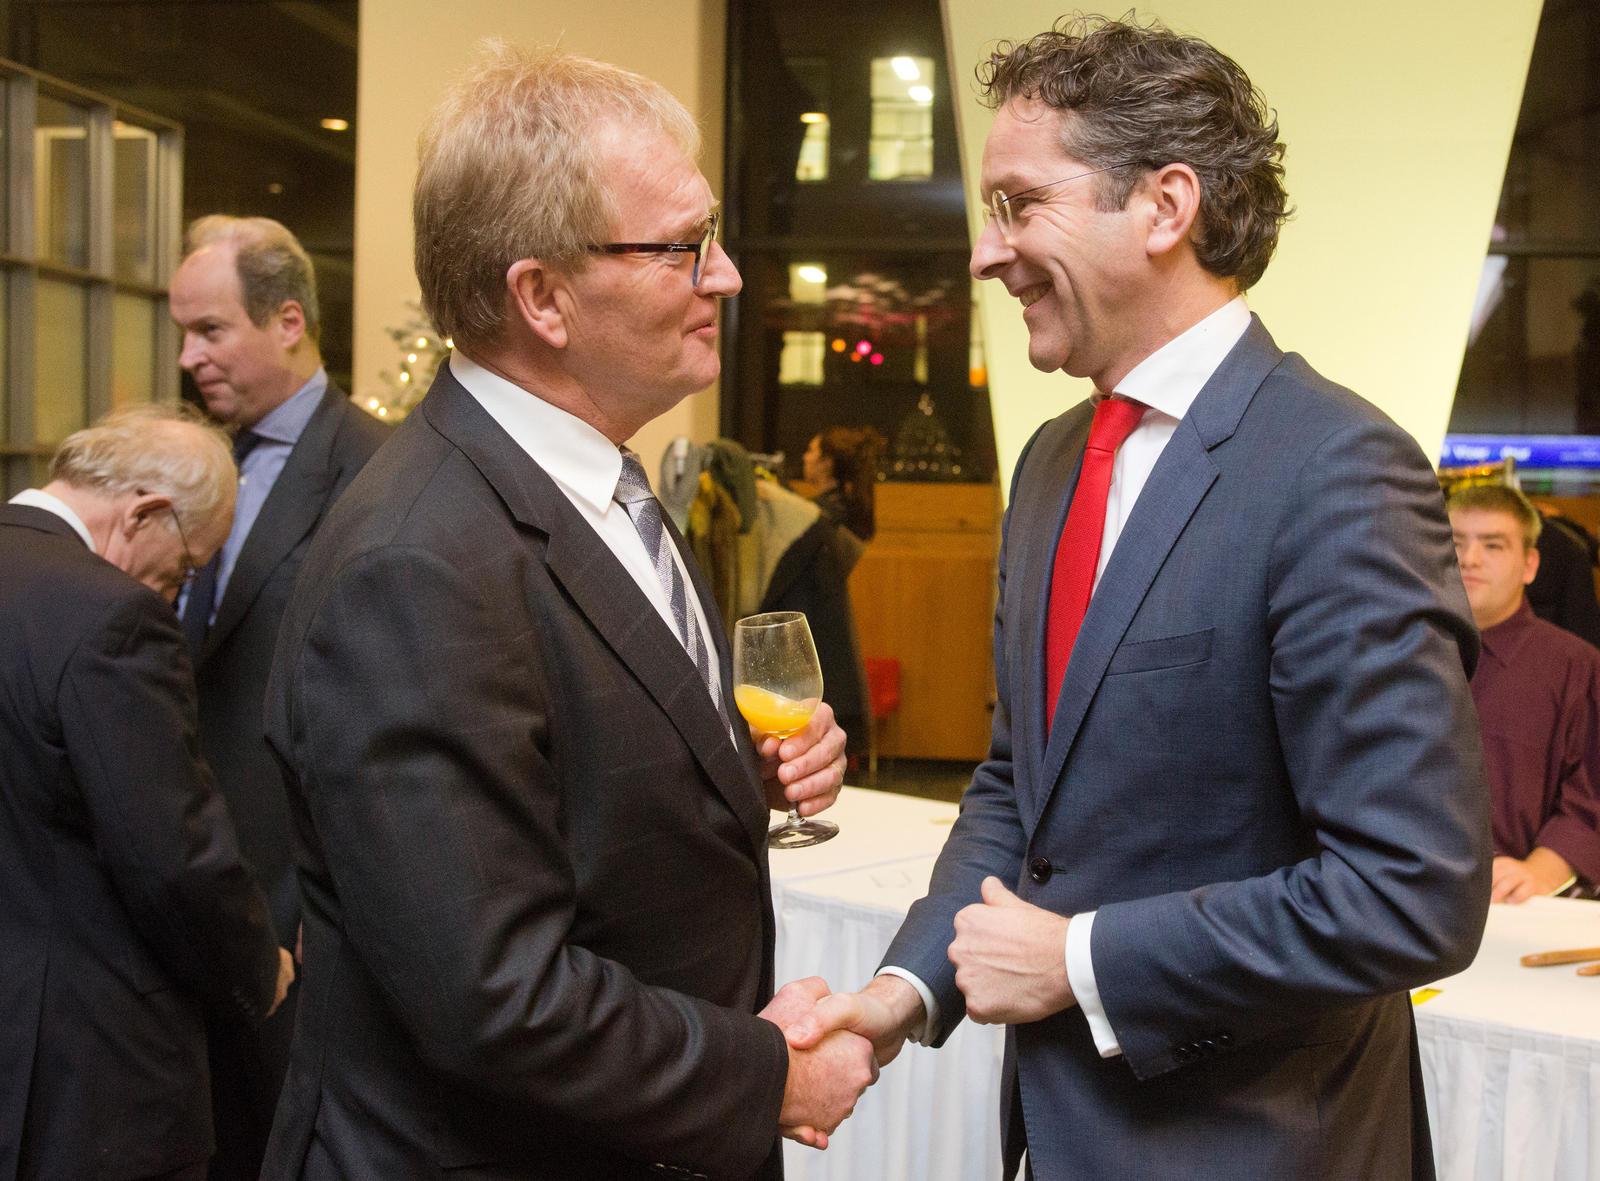 Hans de Boer (voorzitter VNO-NCW) verwelkomt minister Jeroen Dijsselbloem van Financiën